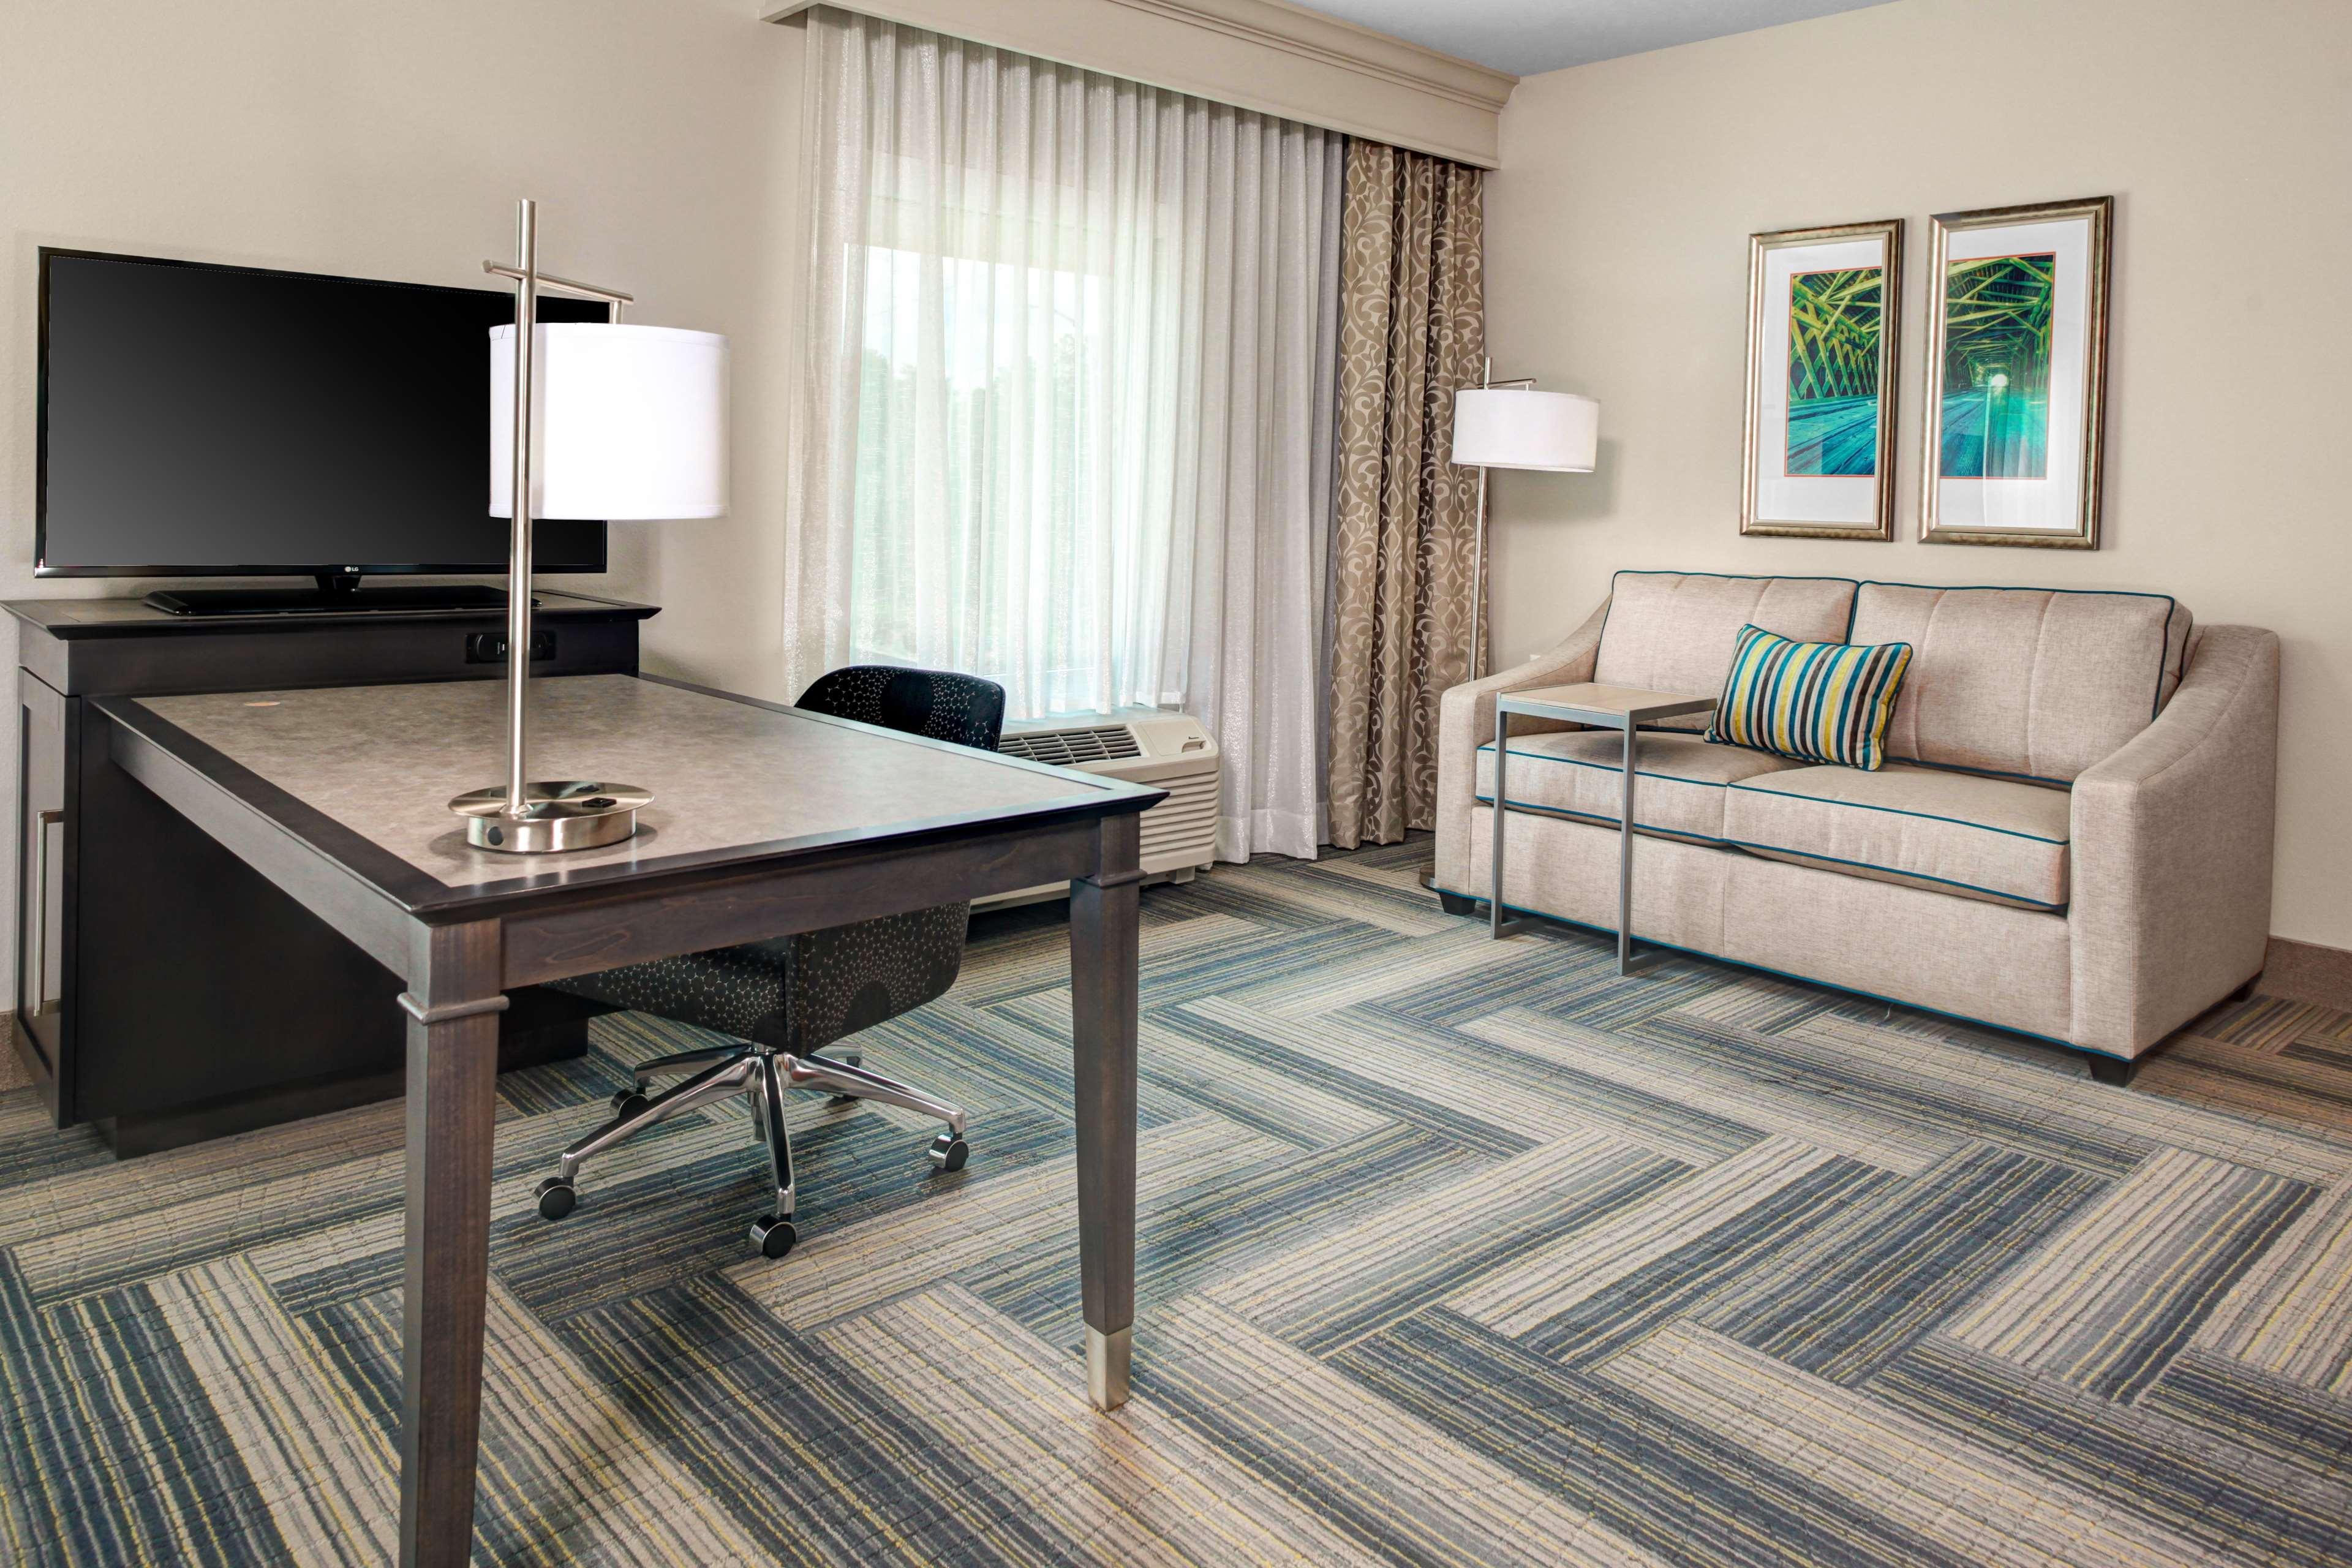 Hampton Inn & Suites by Hilton Atlanta Perimeter Dunwoody image 17